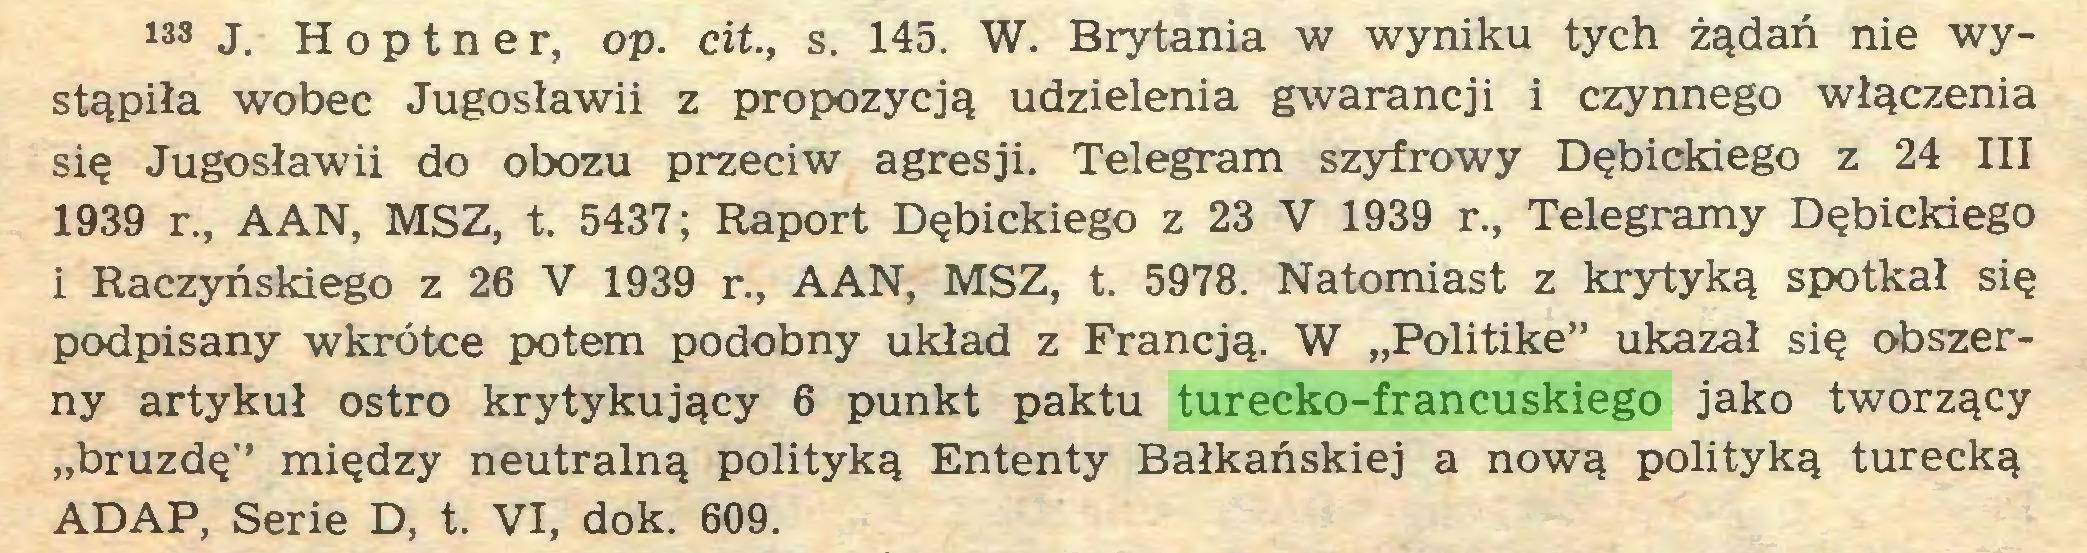 """(...) 133 J. H o p t n e r, op. cit., s. 145. W. Brytania w wyniku tych żądań nie wystąpiła wobec Jugosławii z propozycją udzielenia gwarancji i czynnego włączenia się Jugosławii do obozu przeciw agresji. Telegram szyfrowy Dębickiego z 24 III 1939 r., AAN, MSZ, t. 5437; Raport Dębickiego z 23 V 1939 r., Telegramy Dębickiego i Raczyńskiego z 26 V 1939 r., AAN, MSZ, t. 5978. Natomiast z krytyką spotkał się podpisany wkrótce potem podobny układ z Francją. W """"Politike"""" ukazał się obszerny artykuł ostro krytykujący 6 punkt paktu turecko-francuskiego jako tworzący """"bruzdę"""" między neutralną polityką Ententy Bałkańskiej a nową polityką turecką ADAP, Serie D, t. VI, dok. 609..."""